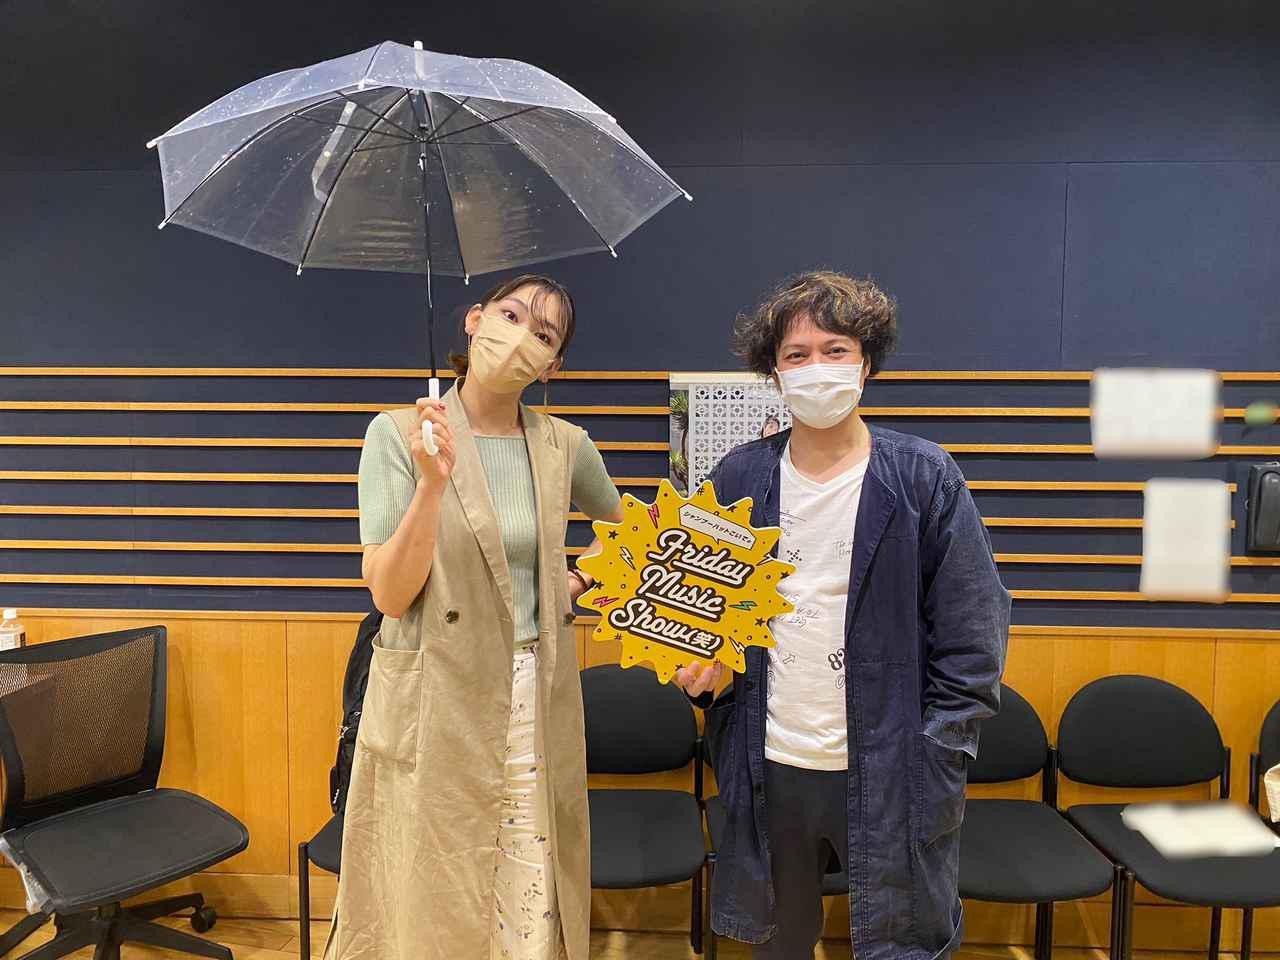 画像: 8月13日(金)シャンプーハットこいでのFriday Music Show(笑)